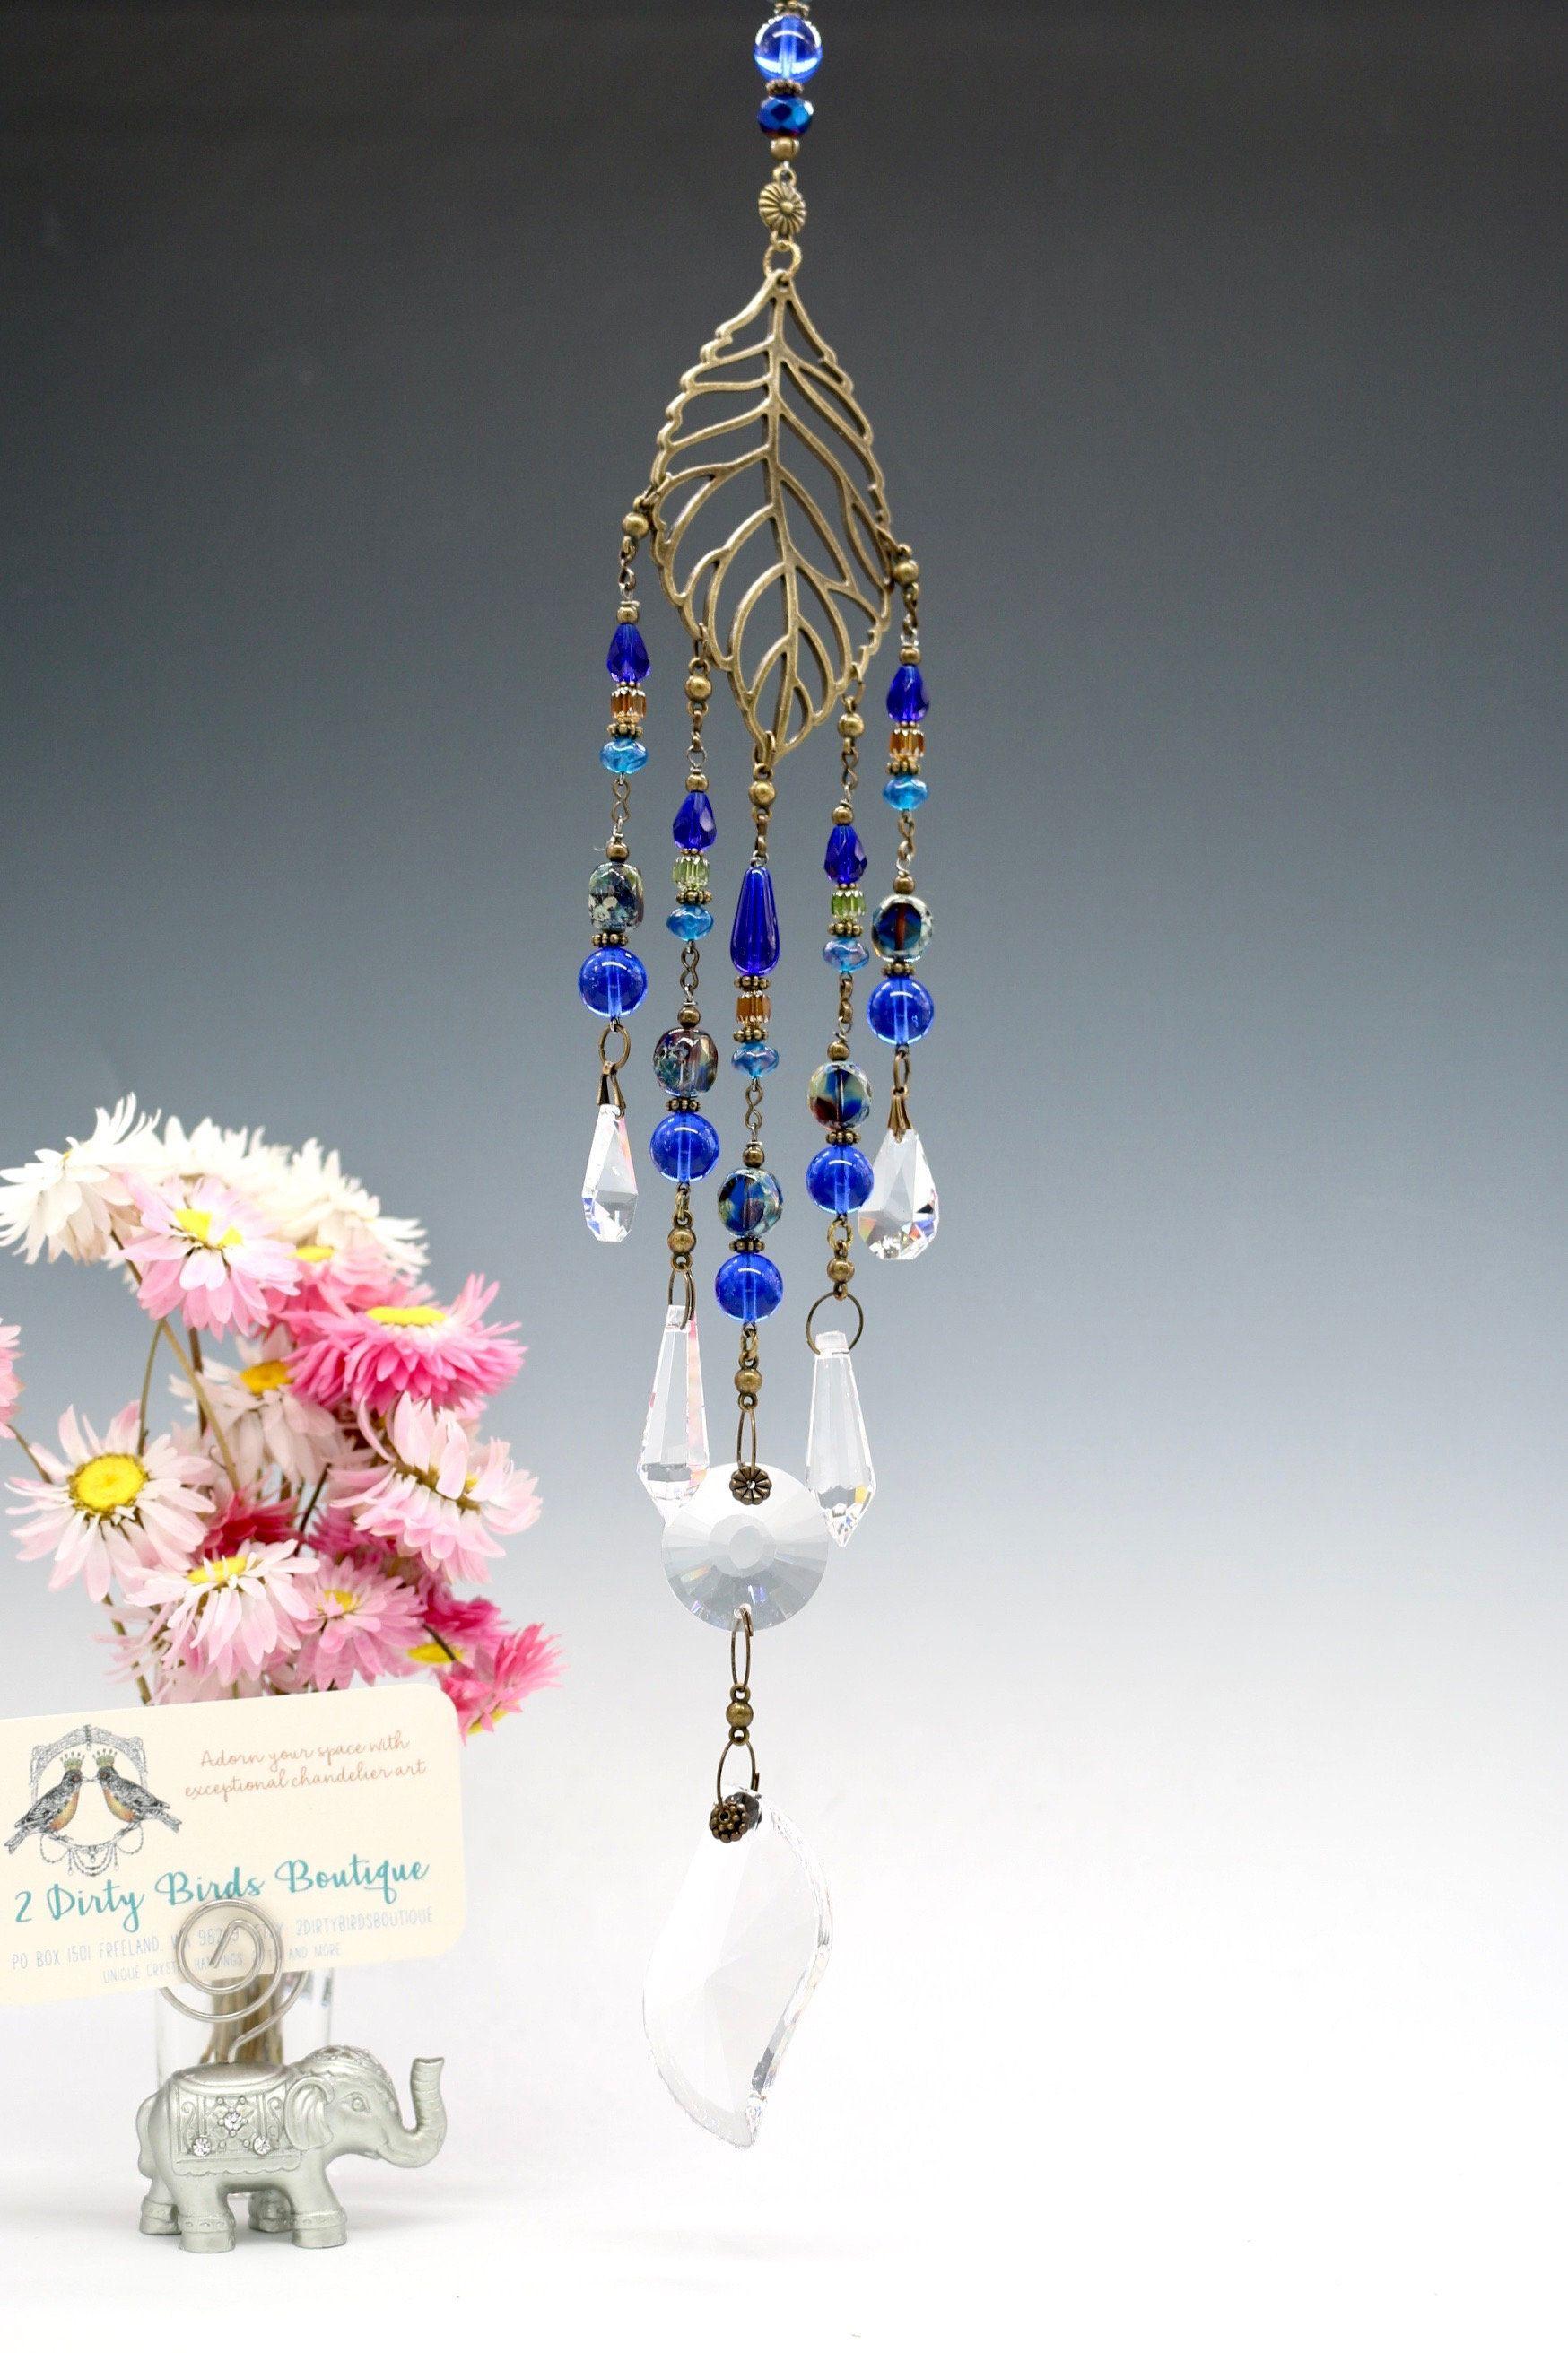 Sweet Cobalt Blue Boho Chandelier Glass Hanging Leaf Hanging Crystal Sun Catcher Boho Decor Crystal Decor Glas Glass Chandelier Hanging Crystals Boho Decor